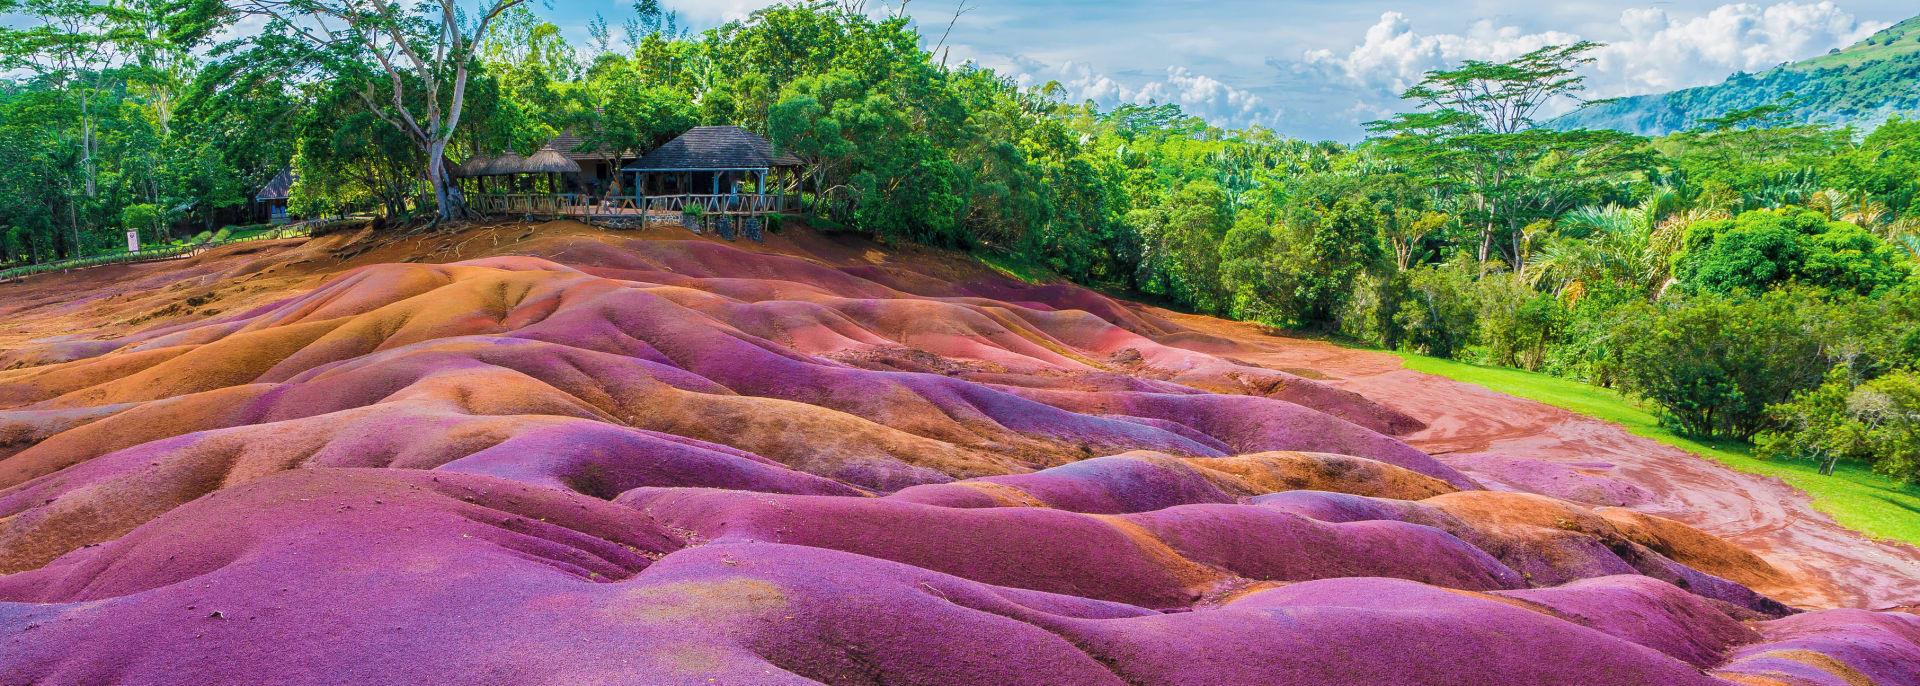 Sieben farbige Erde, Chamarel, Mauritius